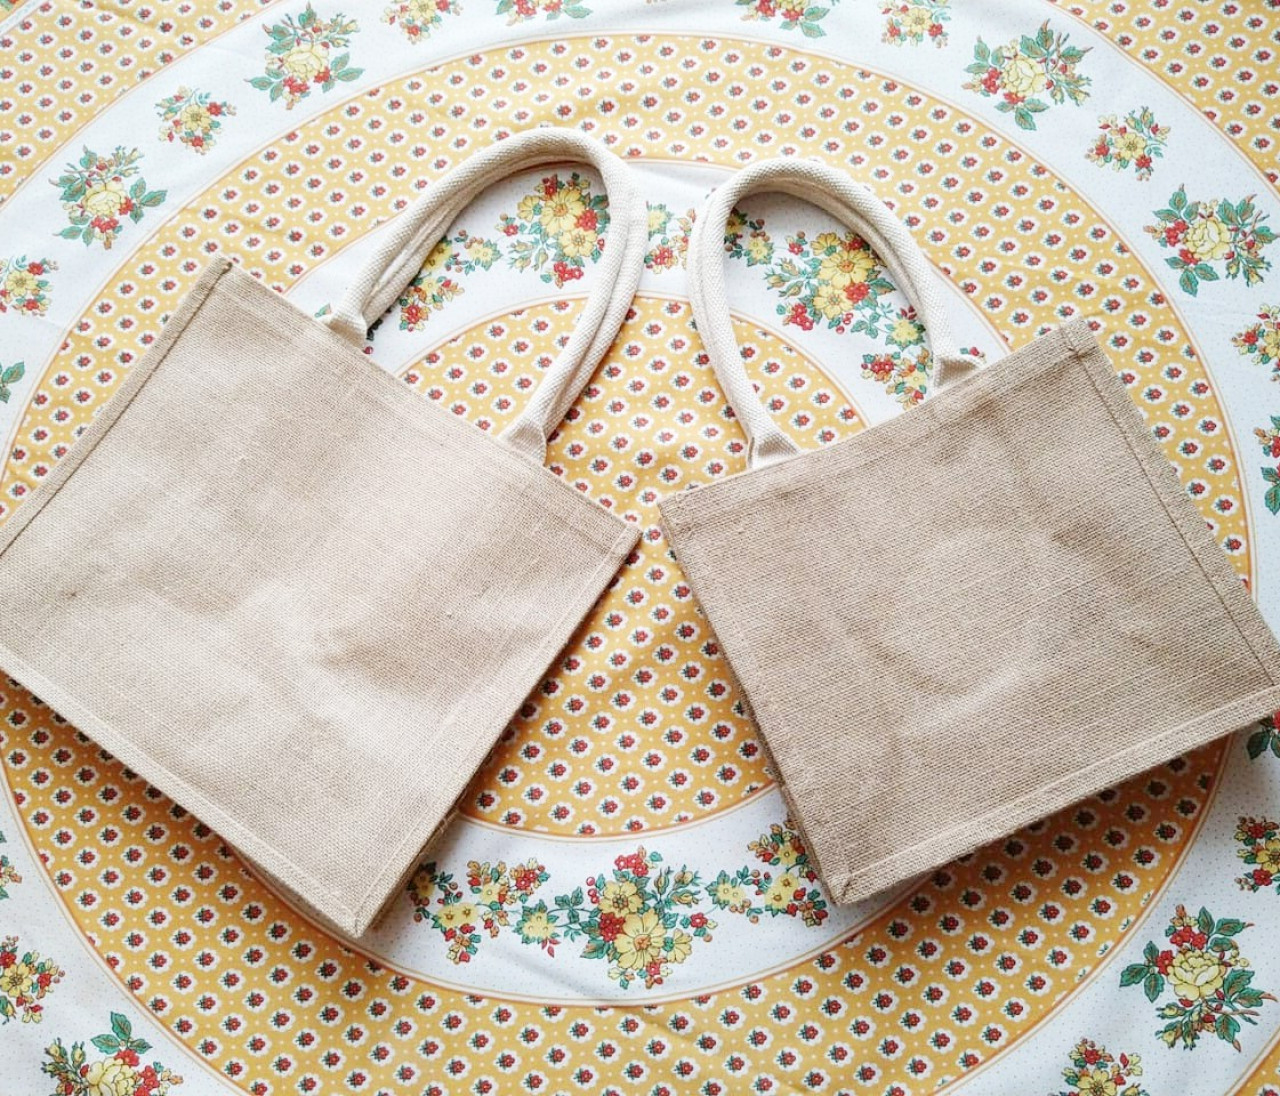 【無印良品】大人気のプチプラ「ジュートマイバッグ」が無限に使える...!エコバッグ・サブバッグ・収納バッグetc.ひとつで何役も!